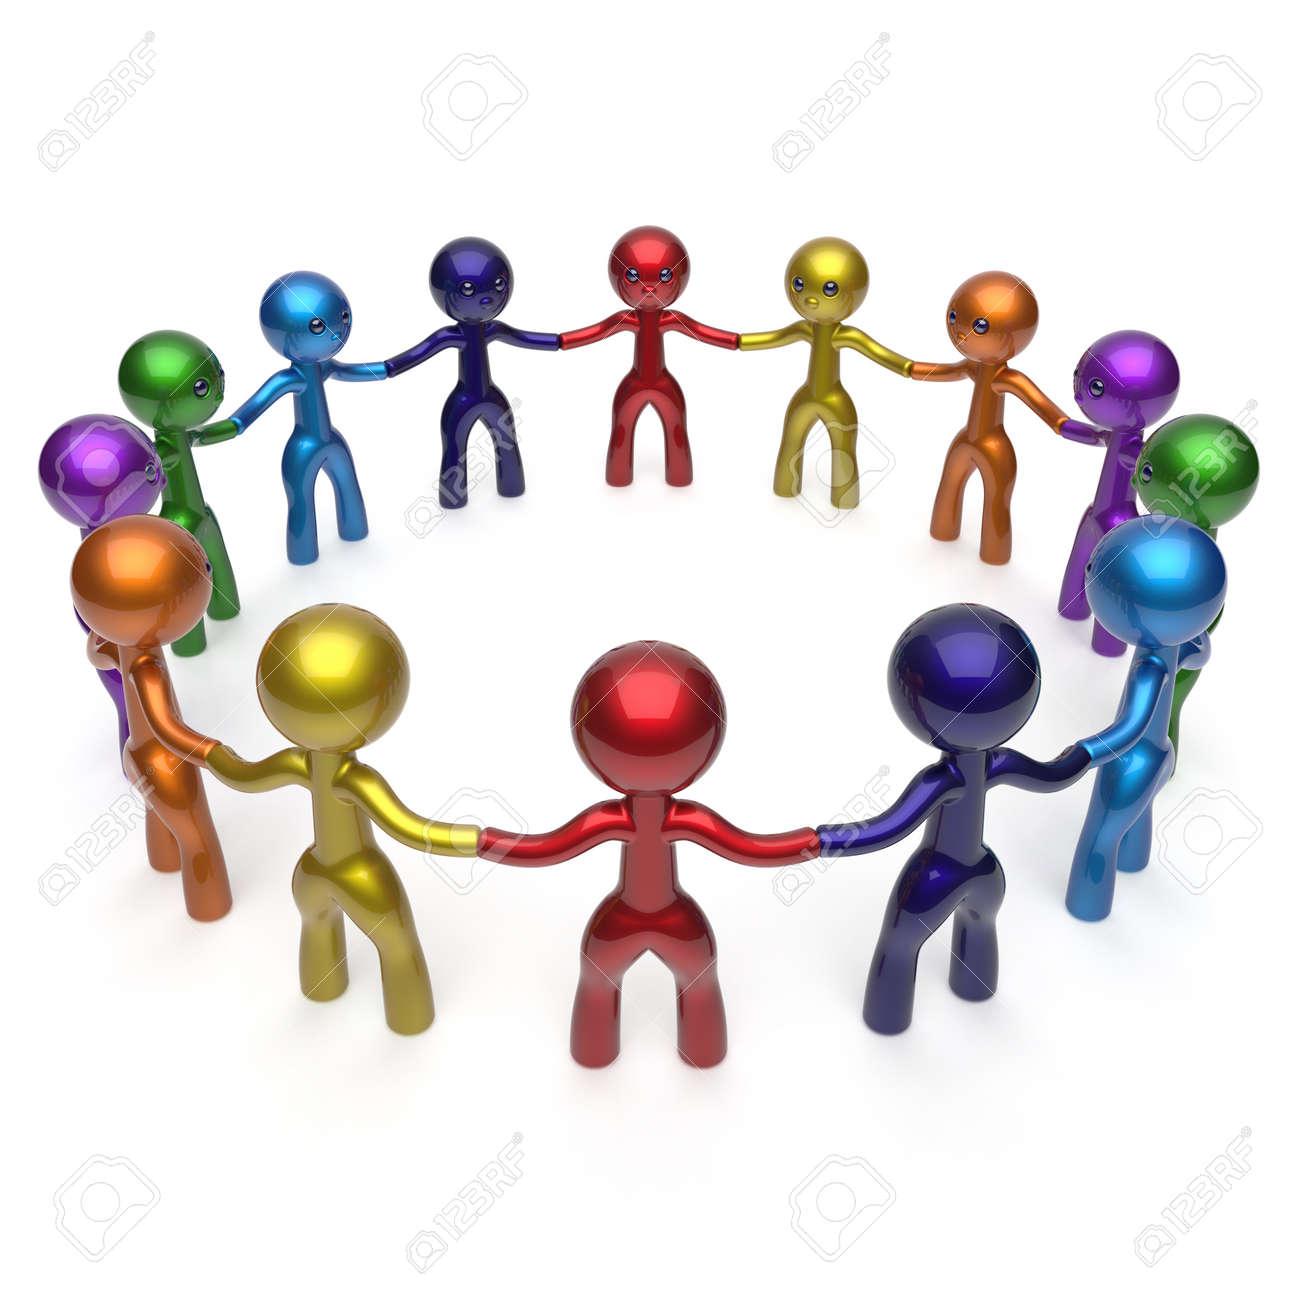 Red Social Personajes Hombres Círculo Gente Grupo Grande De Internet